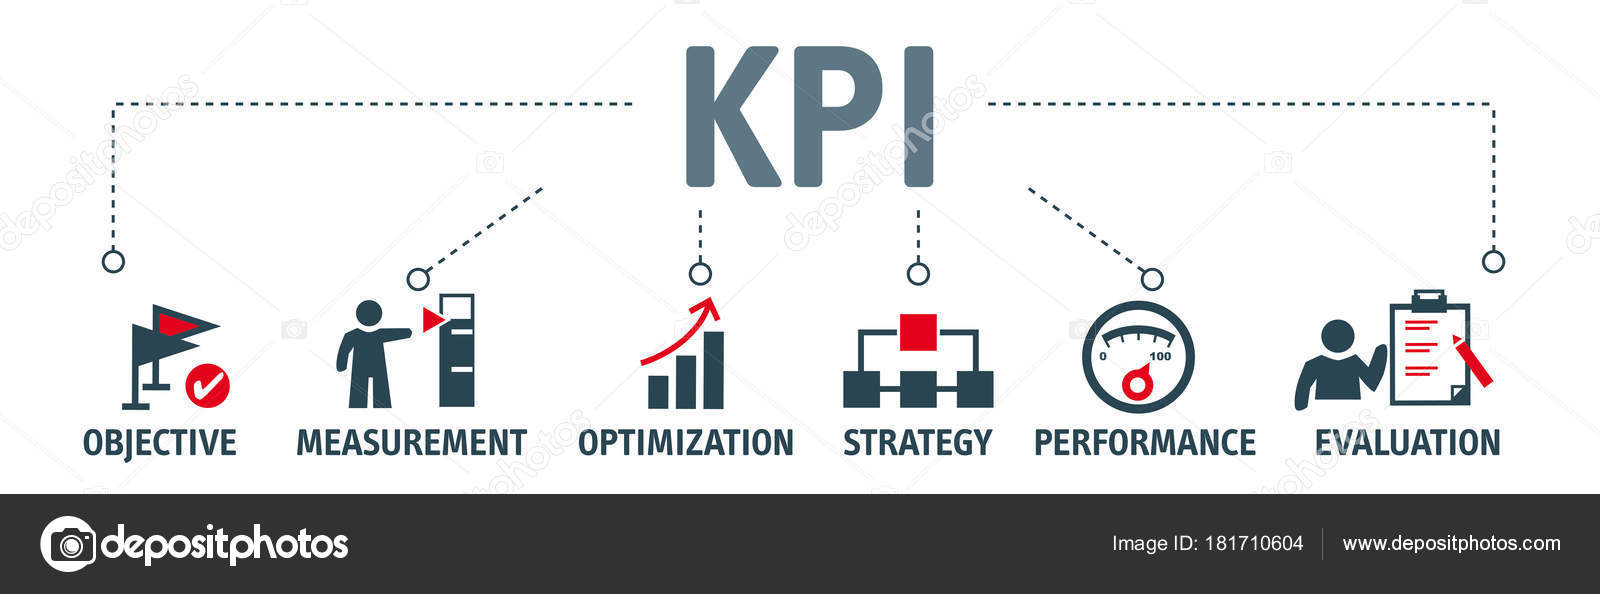 57fb75c16 KPIs avaliar o sucesso de uma organização ou de uma determinada — Vetor de  Stock